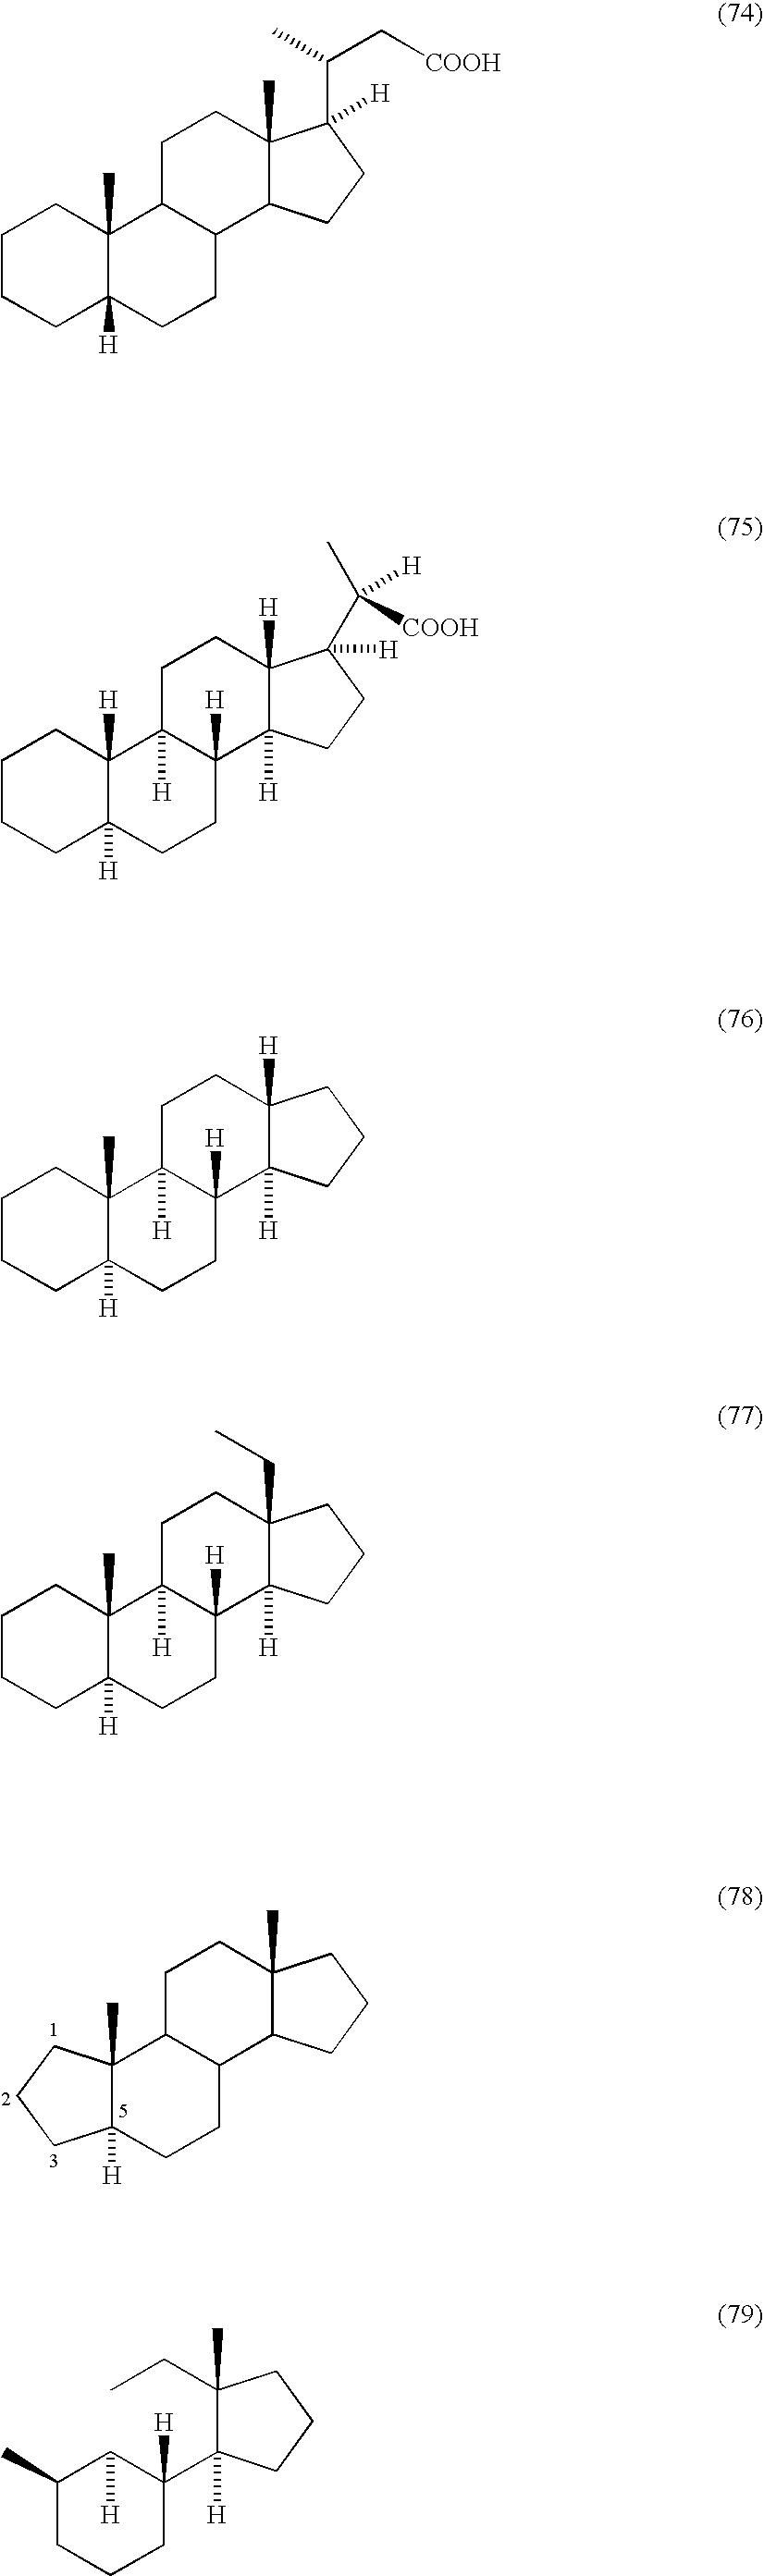 Figure US20080299220A1-20081204-C00027